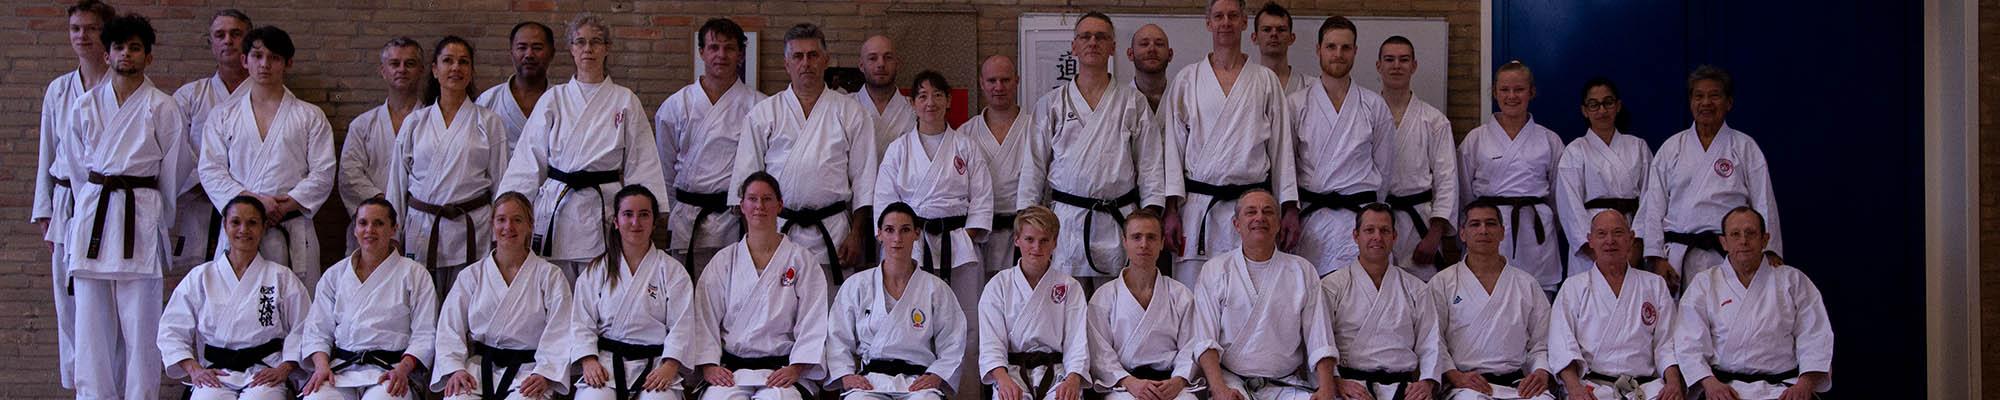 dokan karate groep stage jaap smaal-november 2019